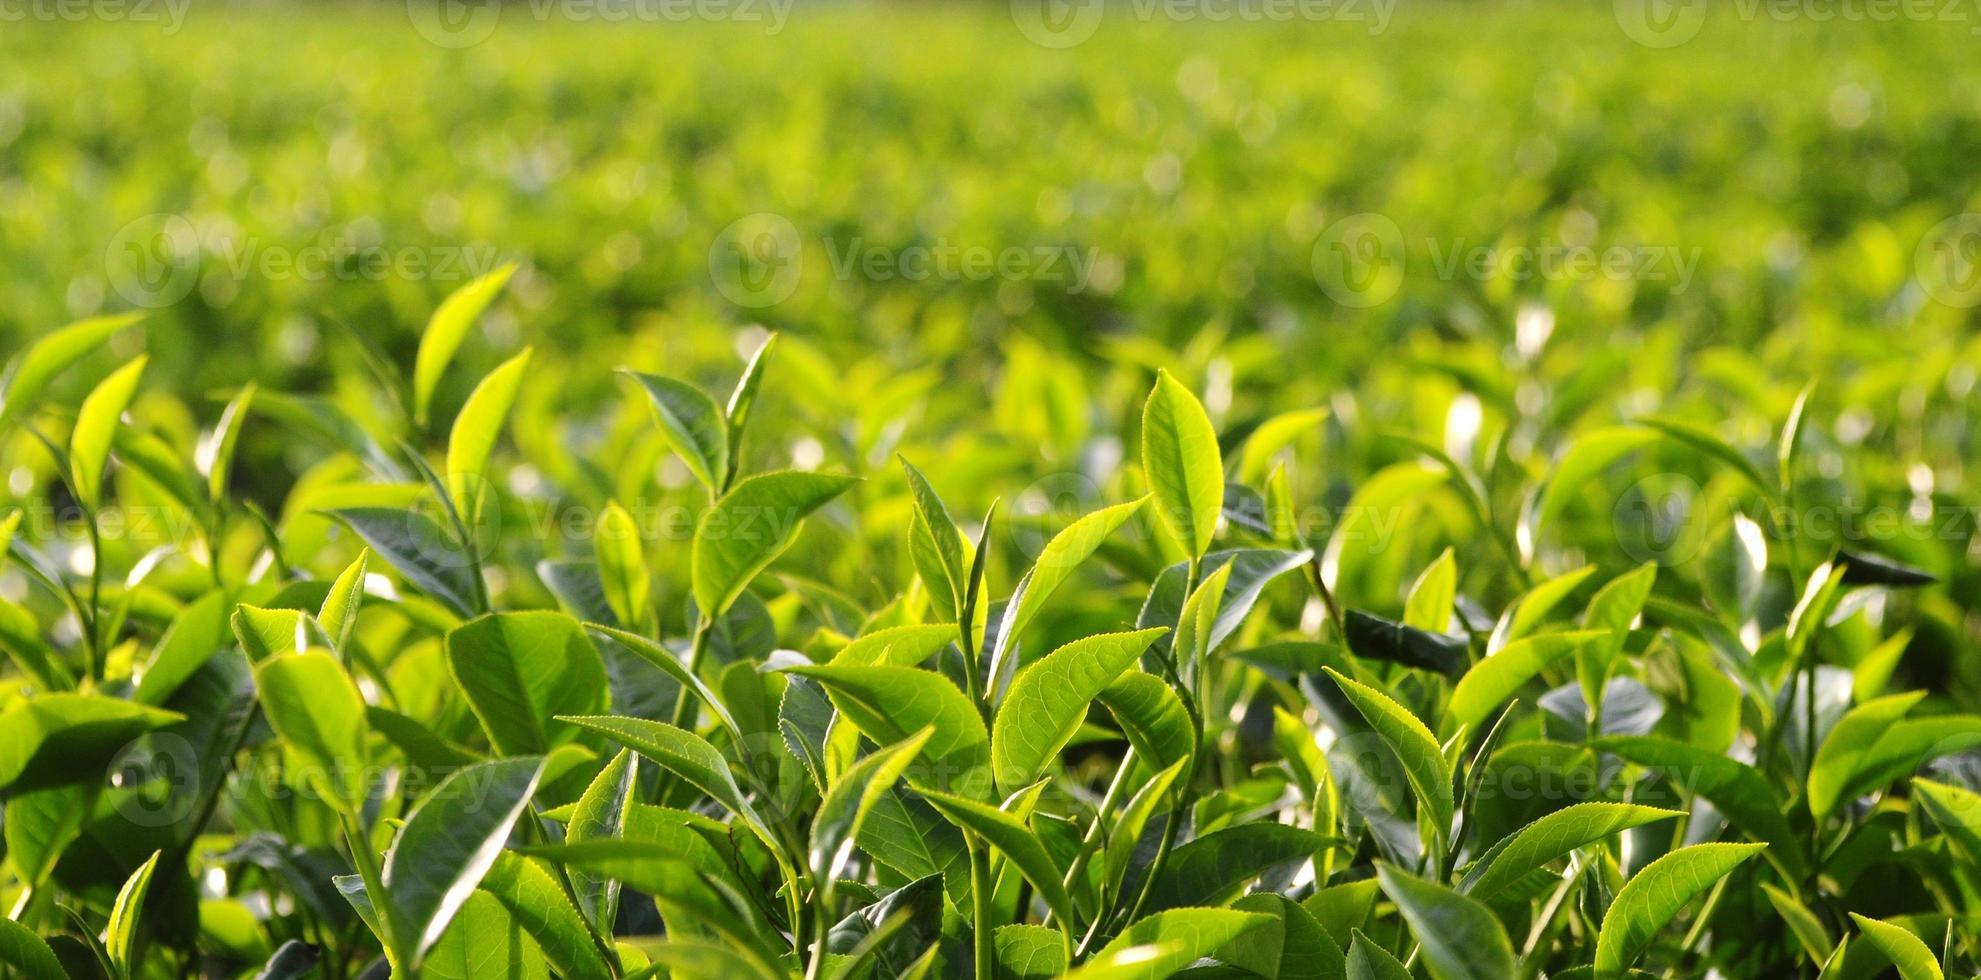 plantación de té foto